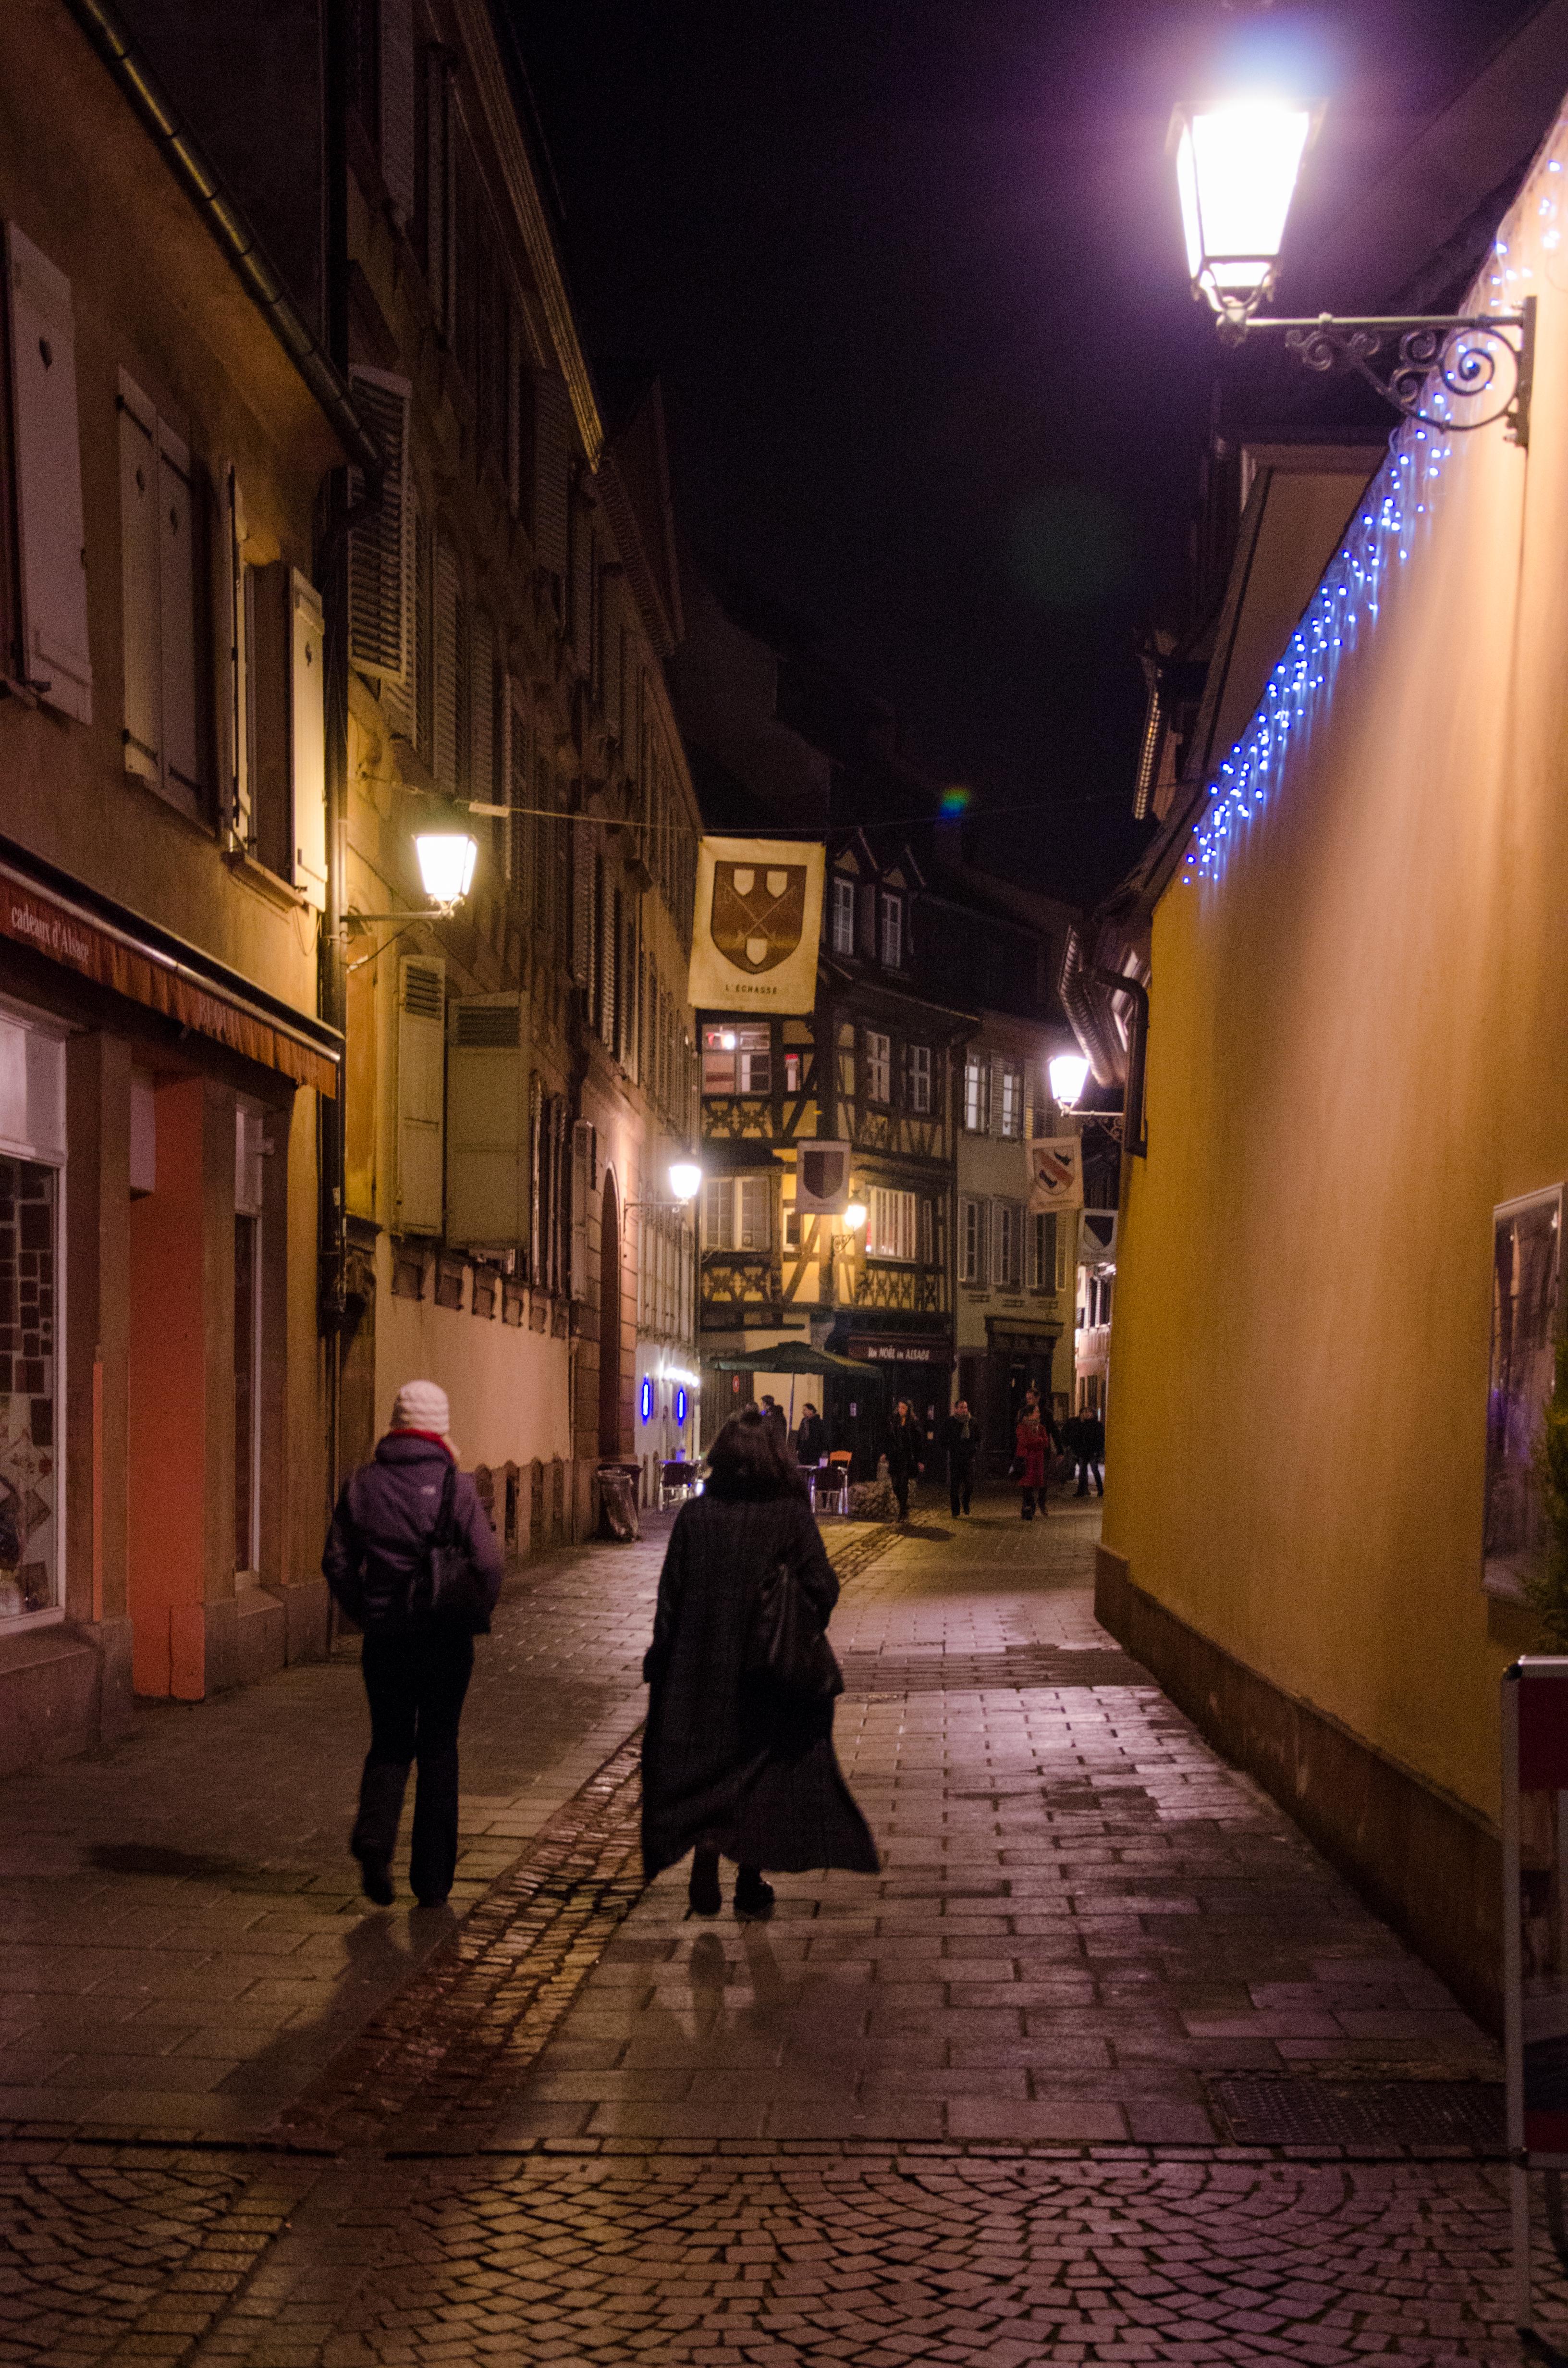 Rue des dentelles photo